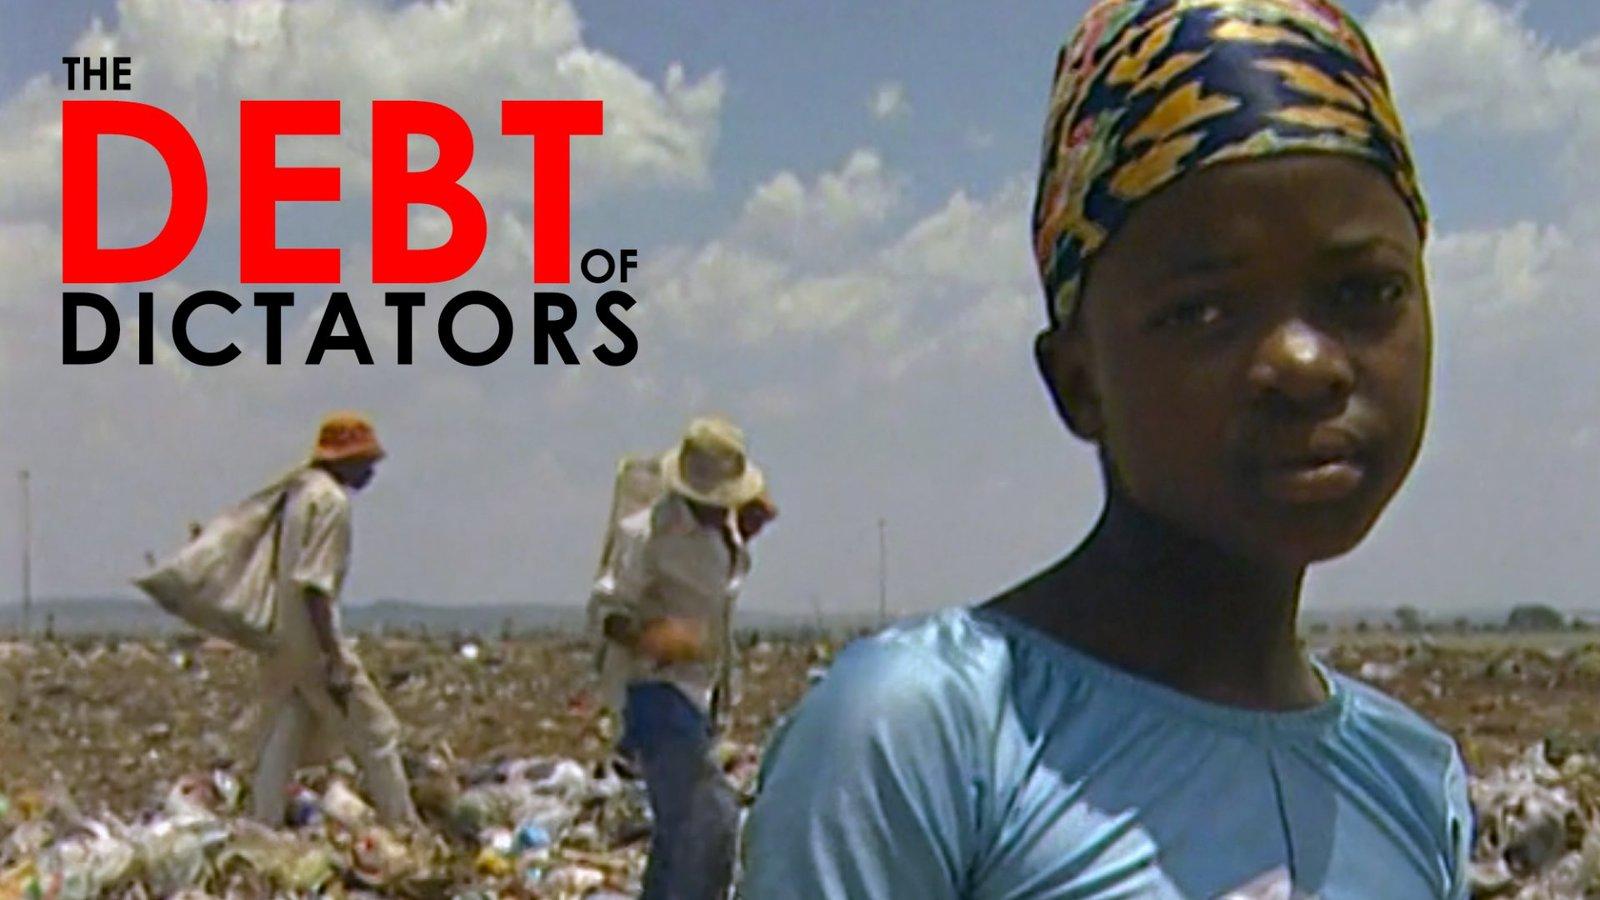 The Debt of Dictators